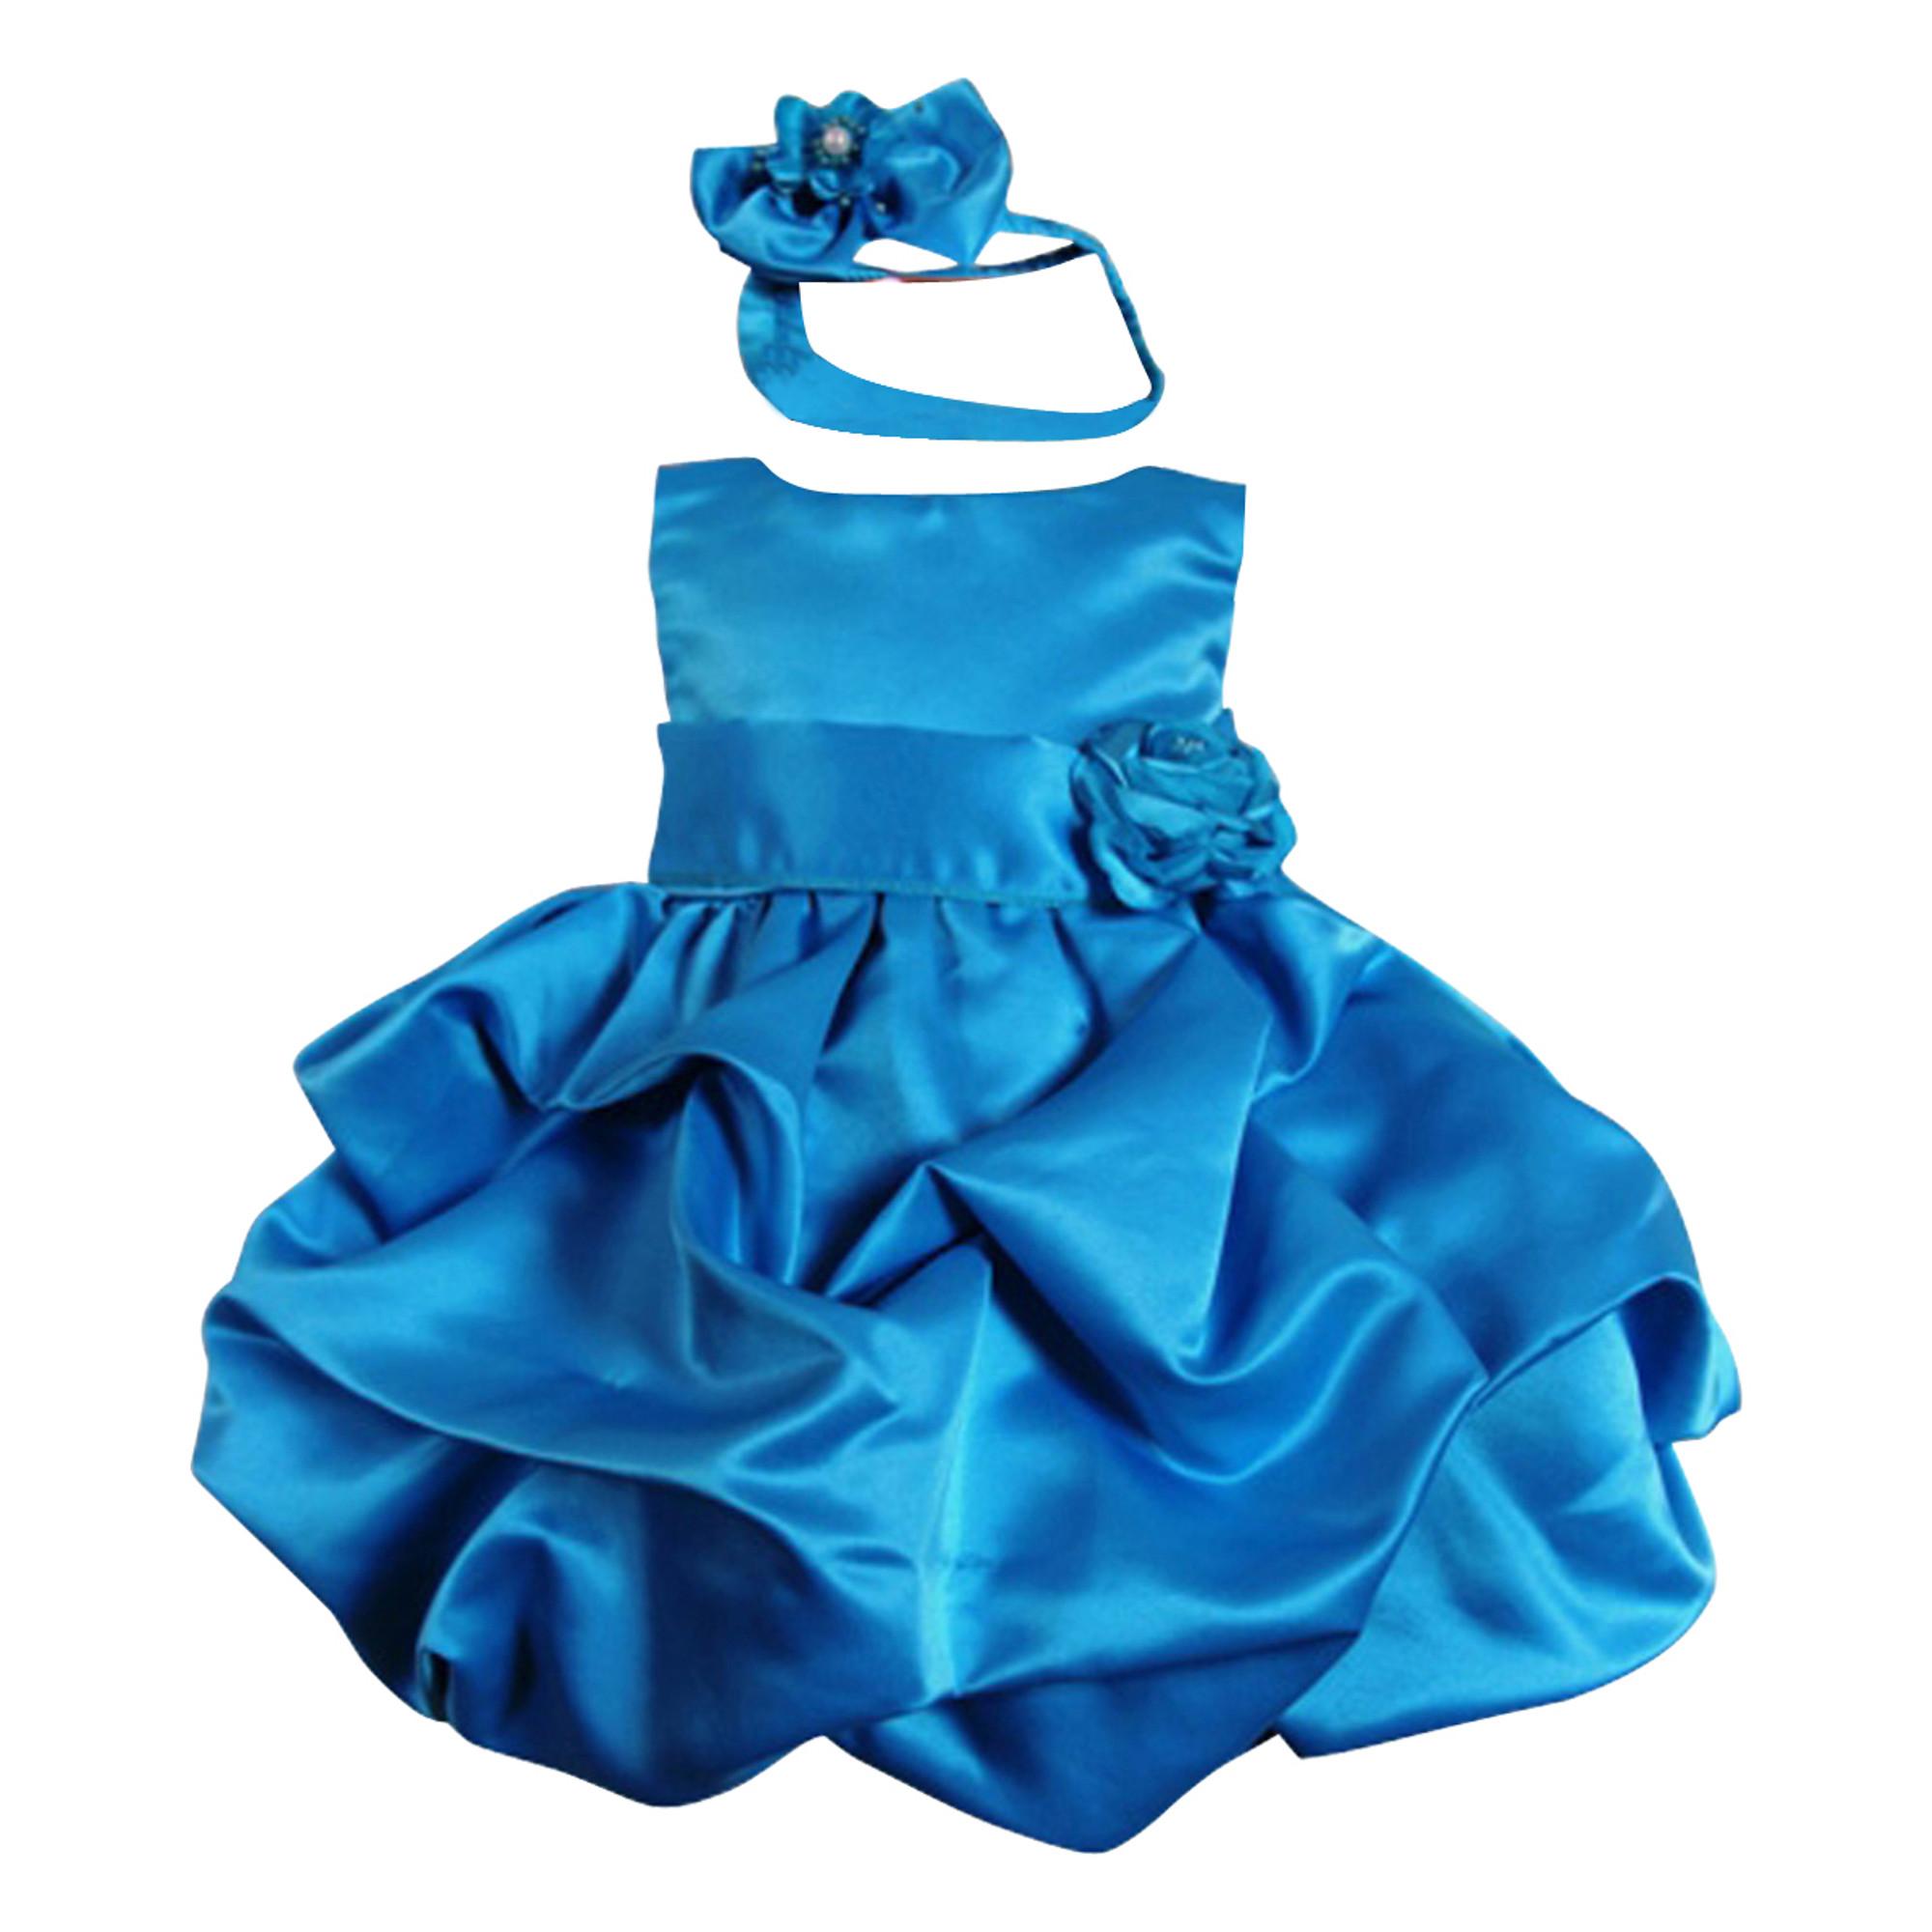 Süßes Babykleid Lucy türkis blau festliches Kleid für Baby edler Satin mit Haarband Hochzeit Taufe Weihnachten